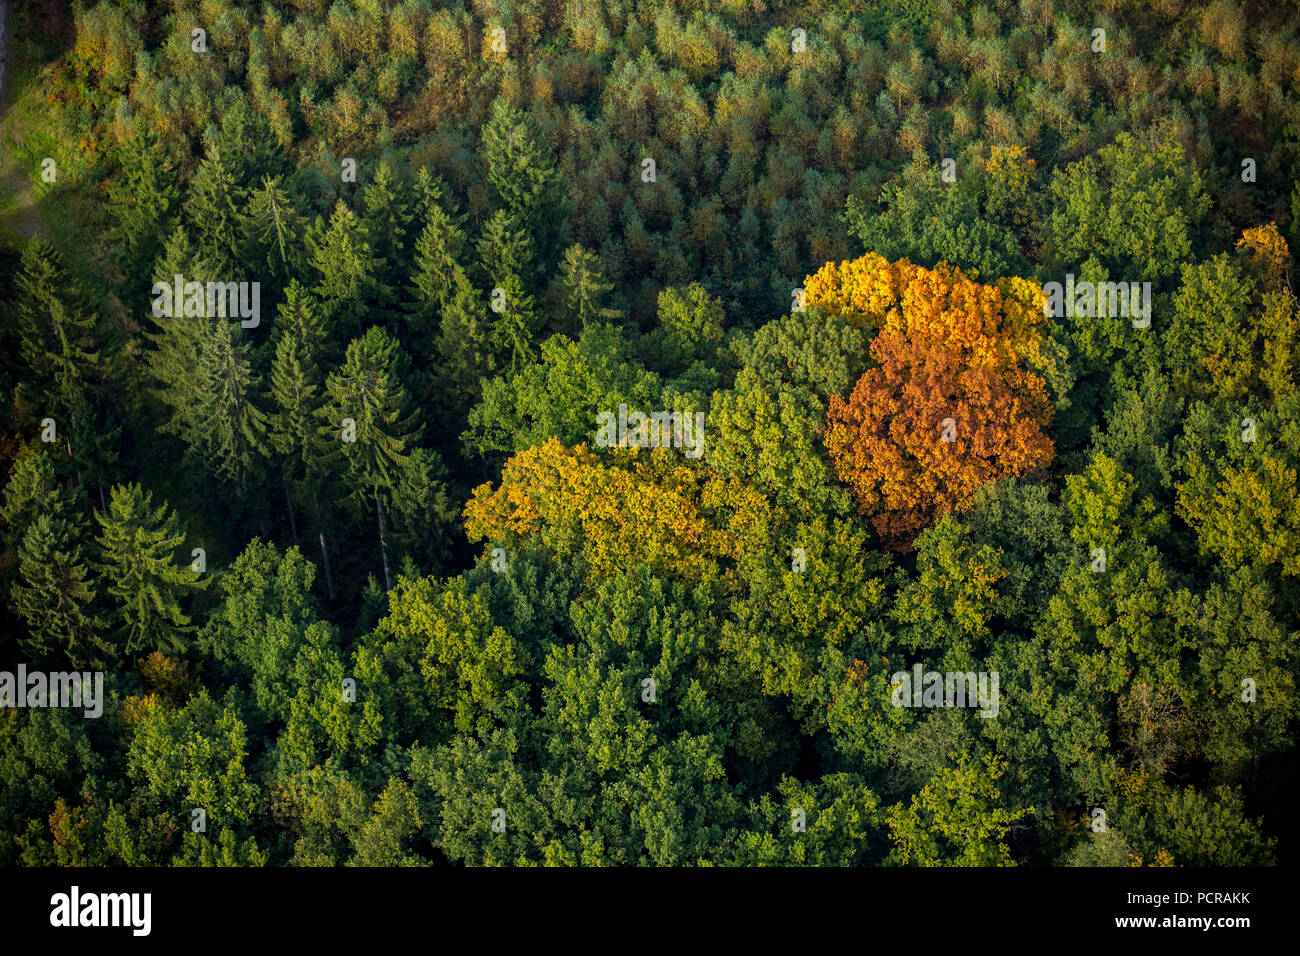 Foglie di autunno, autunno foresta in colori luminosi nella foresta di Arnsberg vicino a Meschede, Meschede, Sauerland, Nord Reno-Westfalia, Germania Immagini Stock